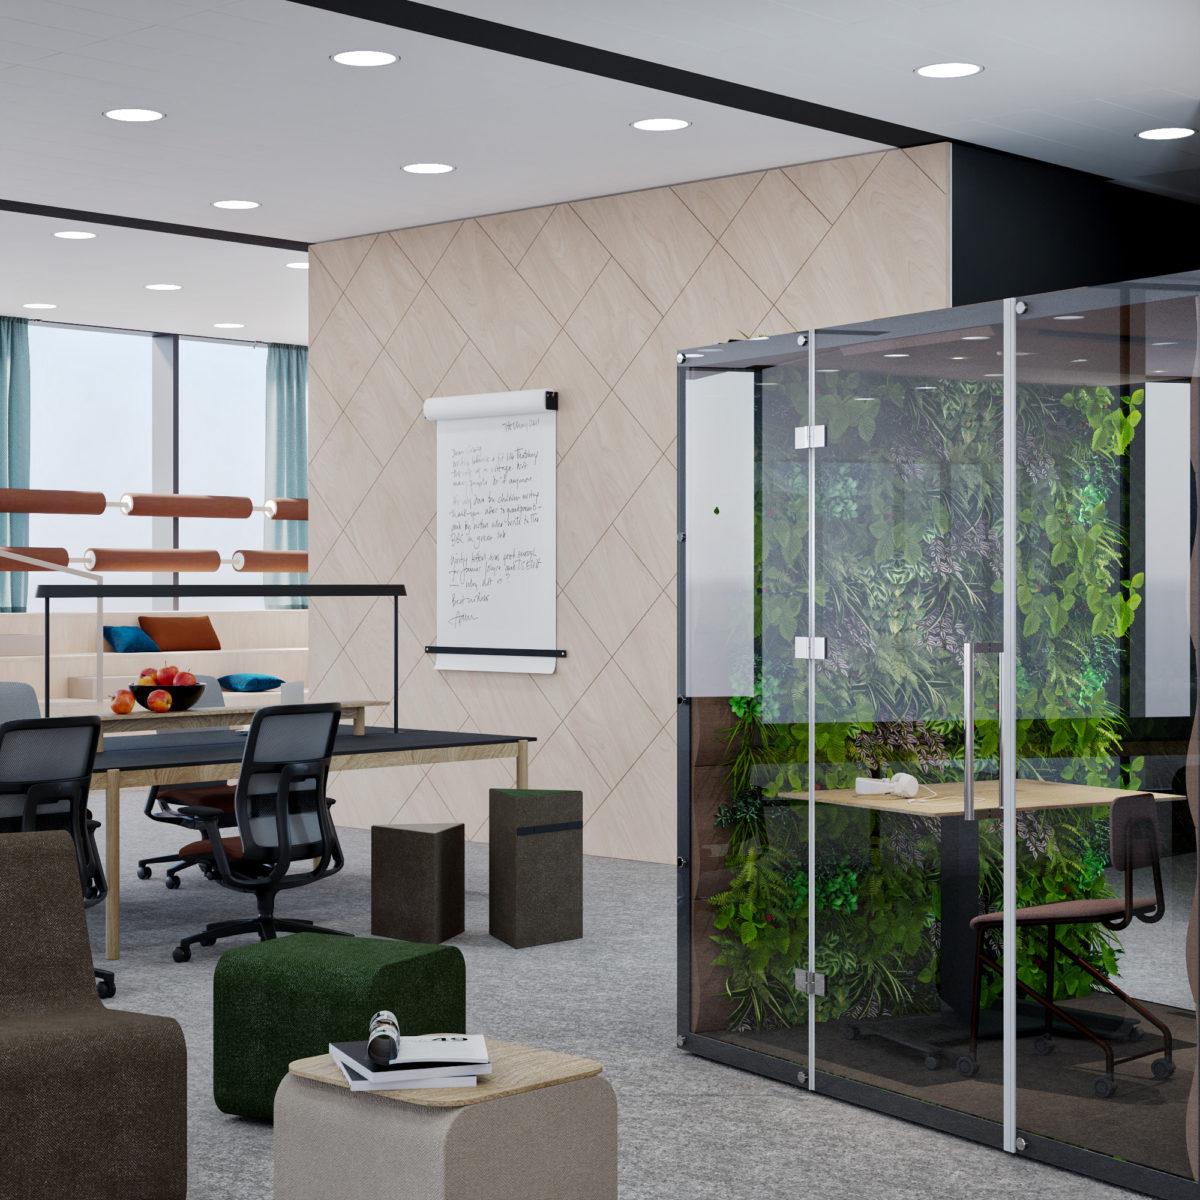 Zamknięte pomieszczenia szybkich spotkań wraz ze strefą pracy wspólnej z jednym stołem pracownicznym dla zespołu pracowników